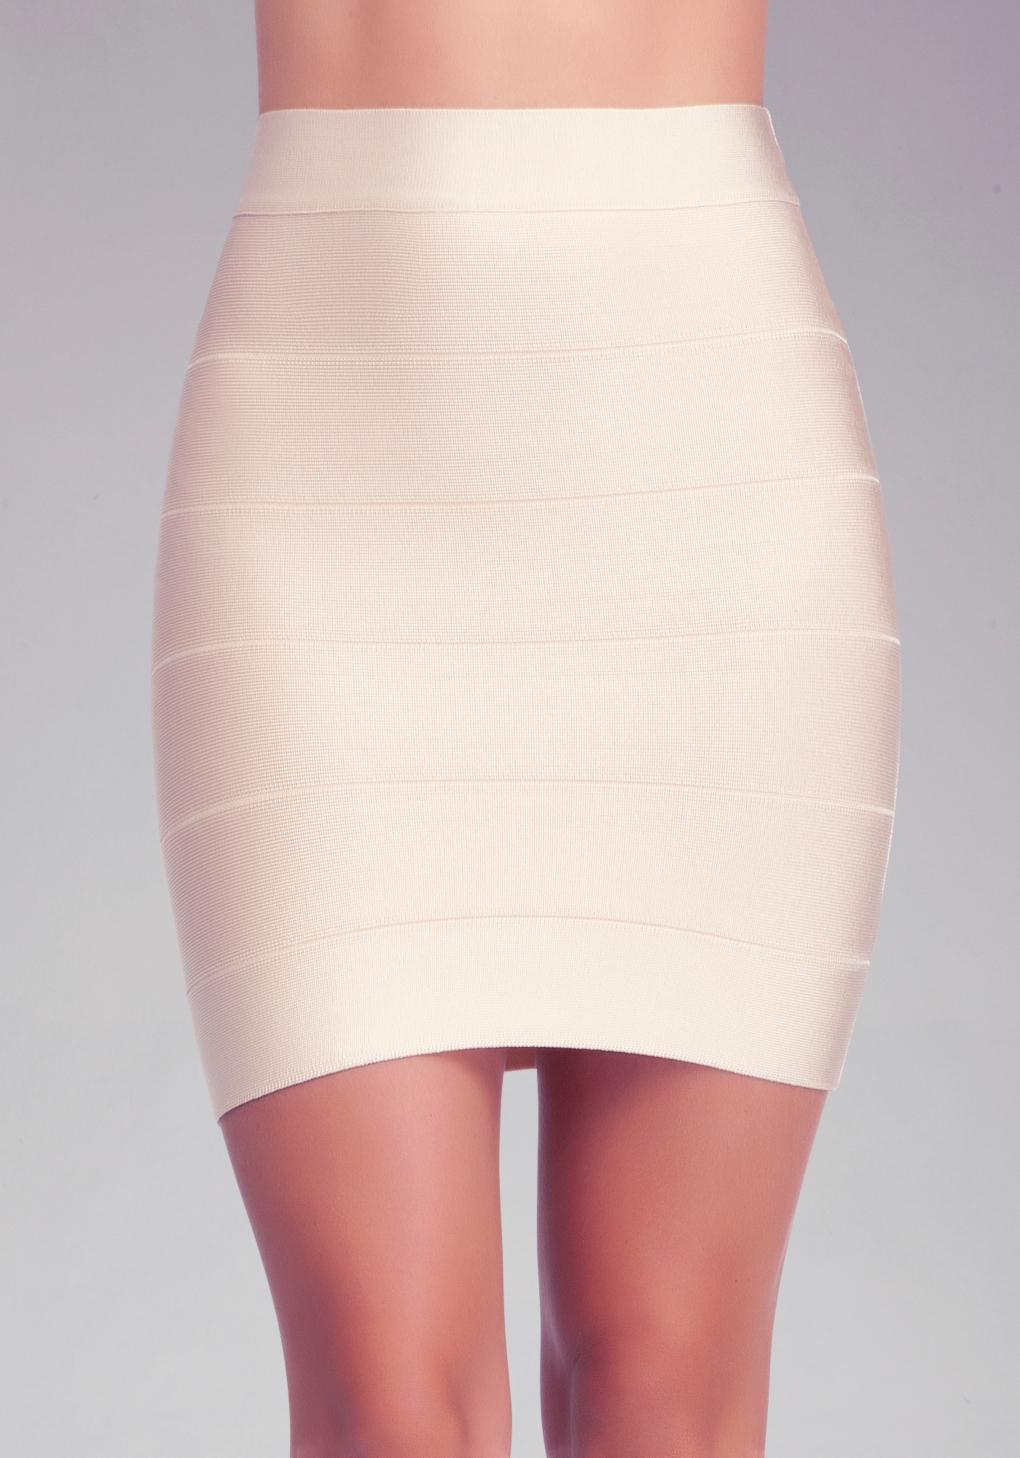 Размеры: 48,50,52,54 ткань: бандаж длина кофты: 47 cмдлина юбки: 65 см 1,99500р